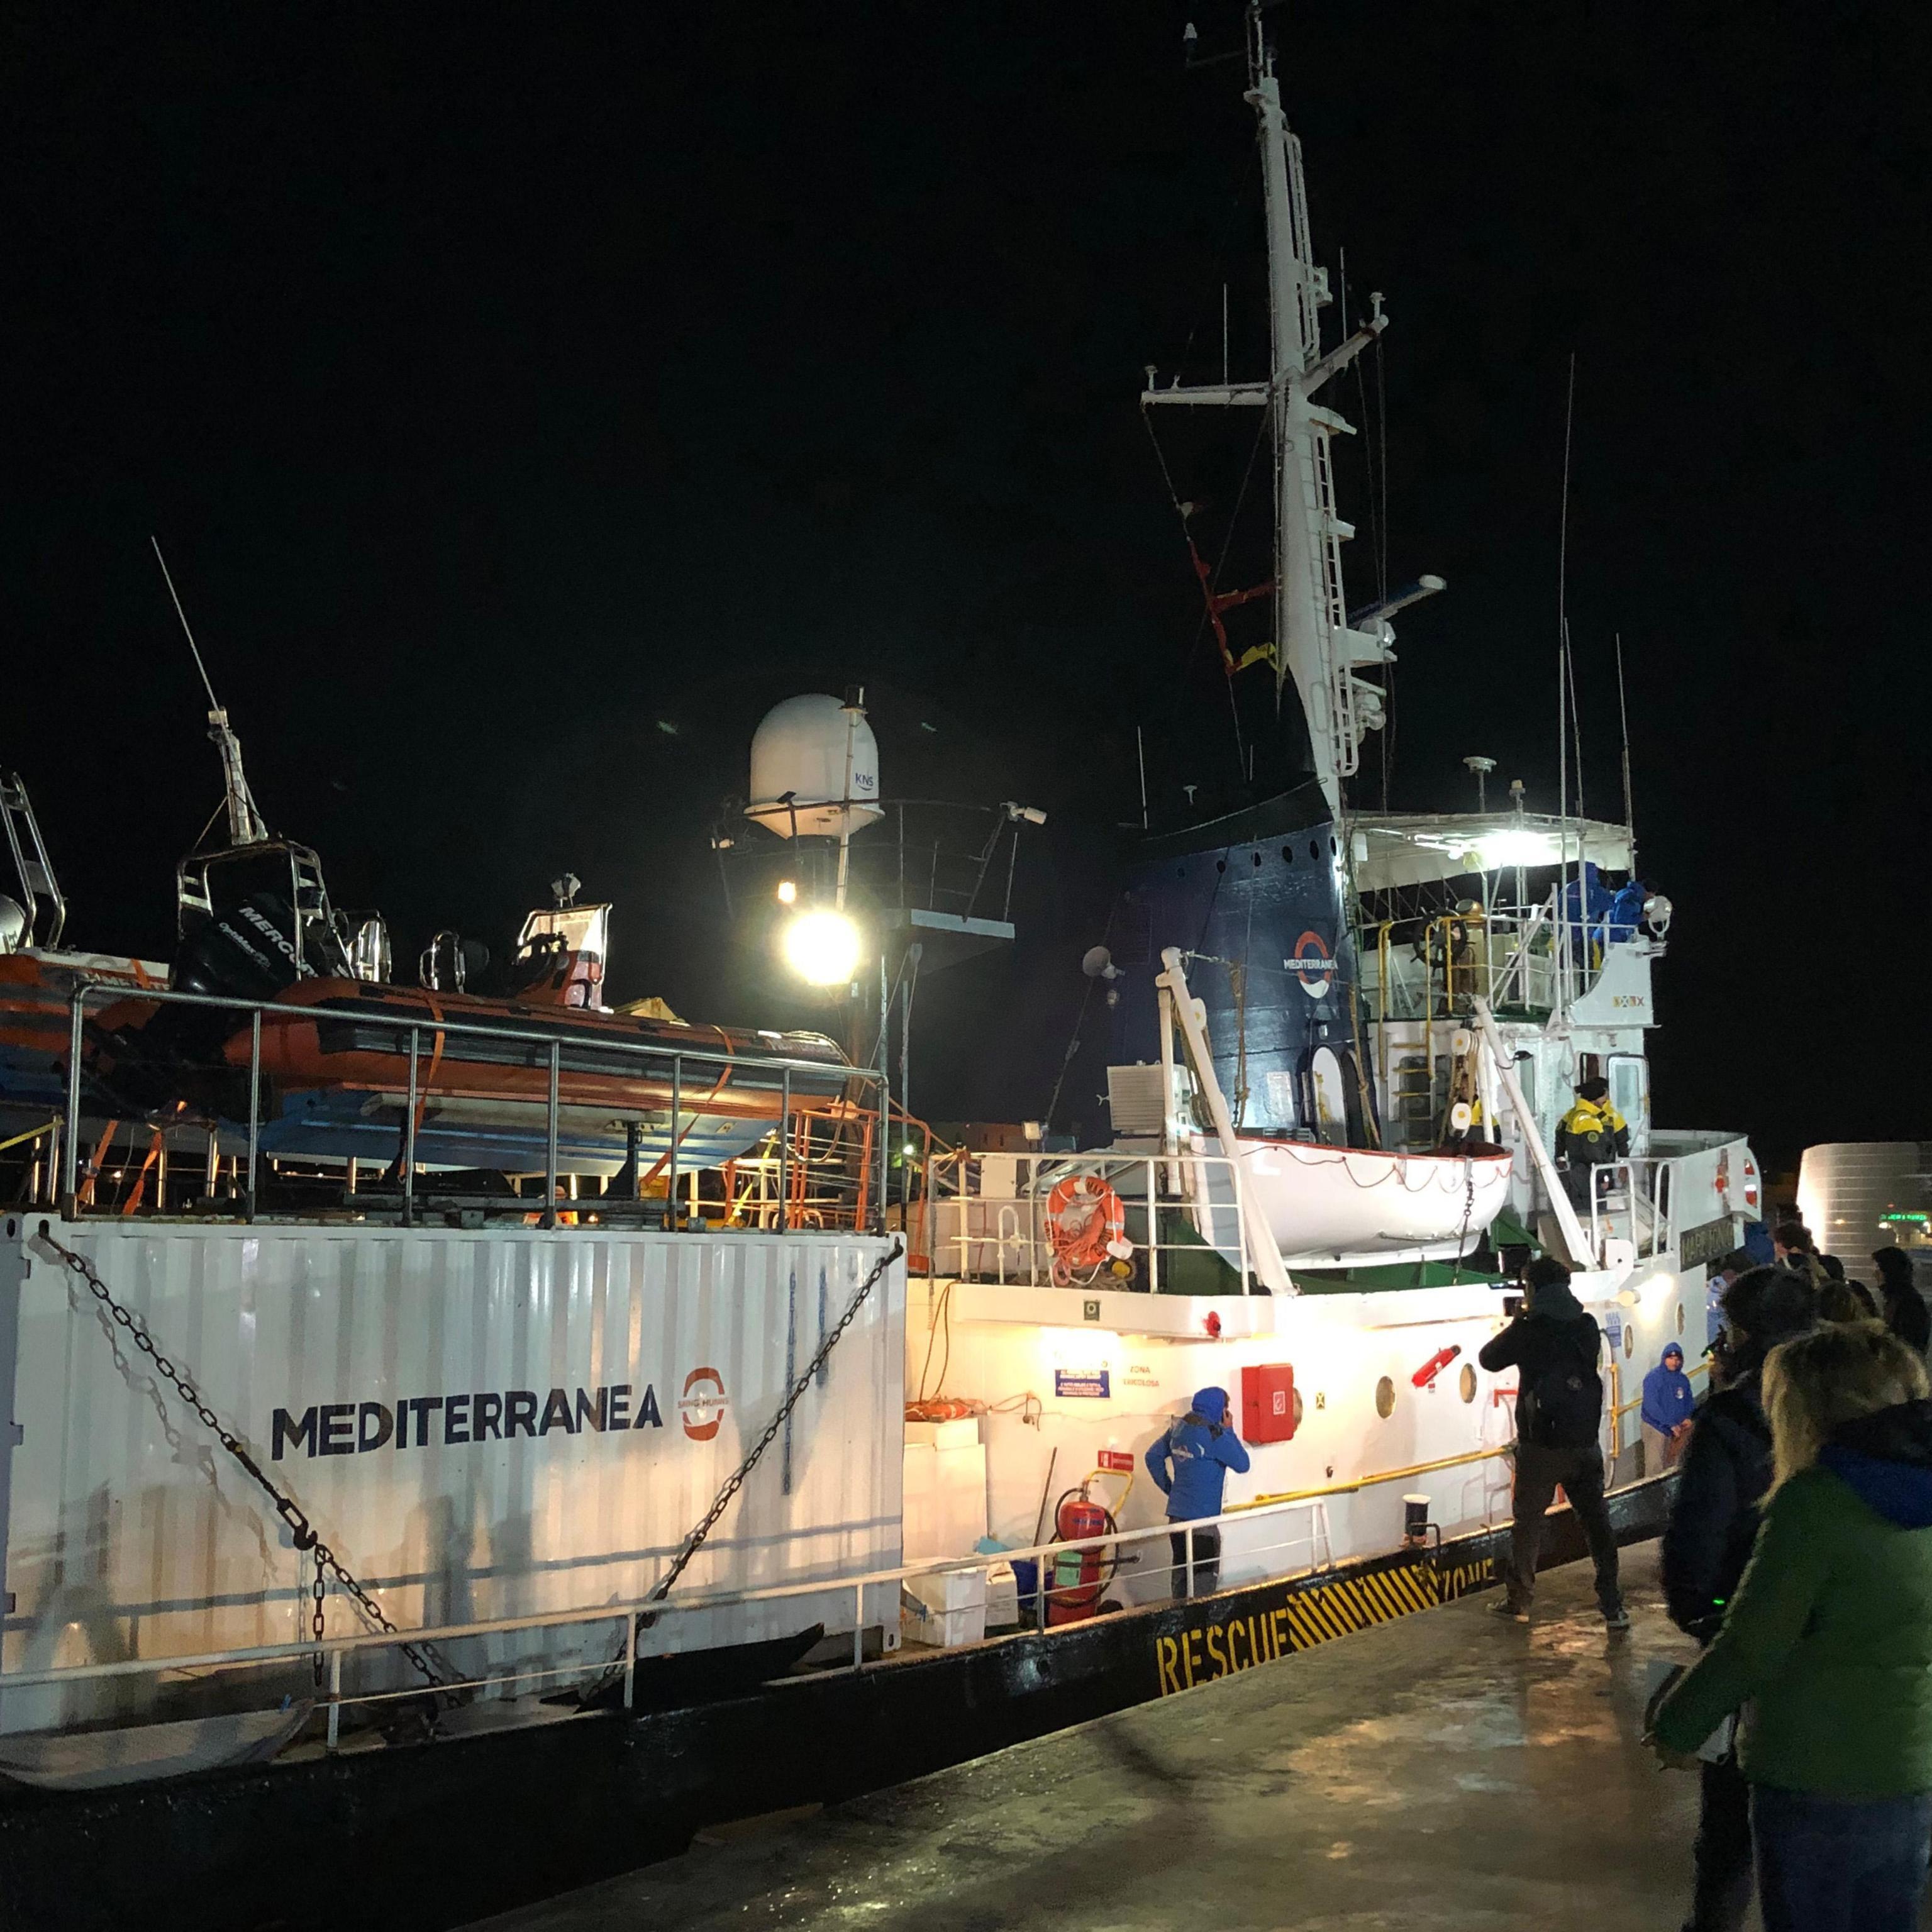 La vicenda è stata per tutto il giorno in cima ai notiziari di tutto il Paese, un cronista infatti si avvicina alla nave e tenta di riprendere da vicino gli interni